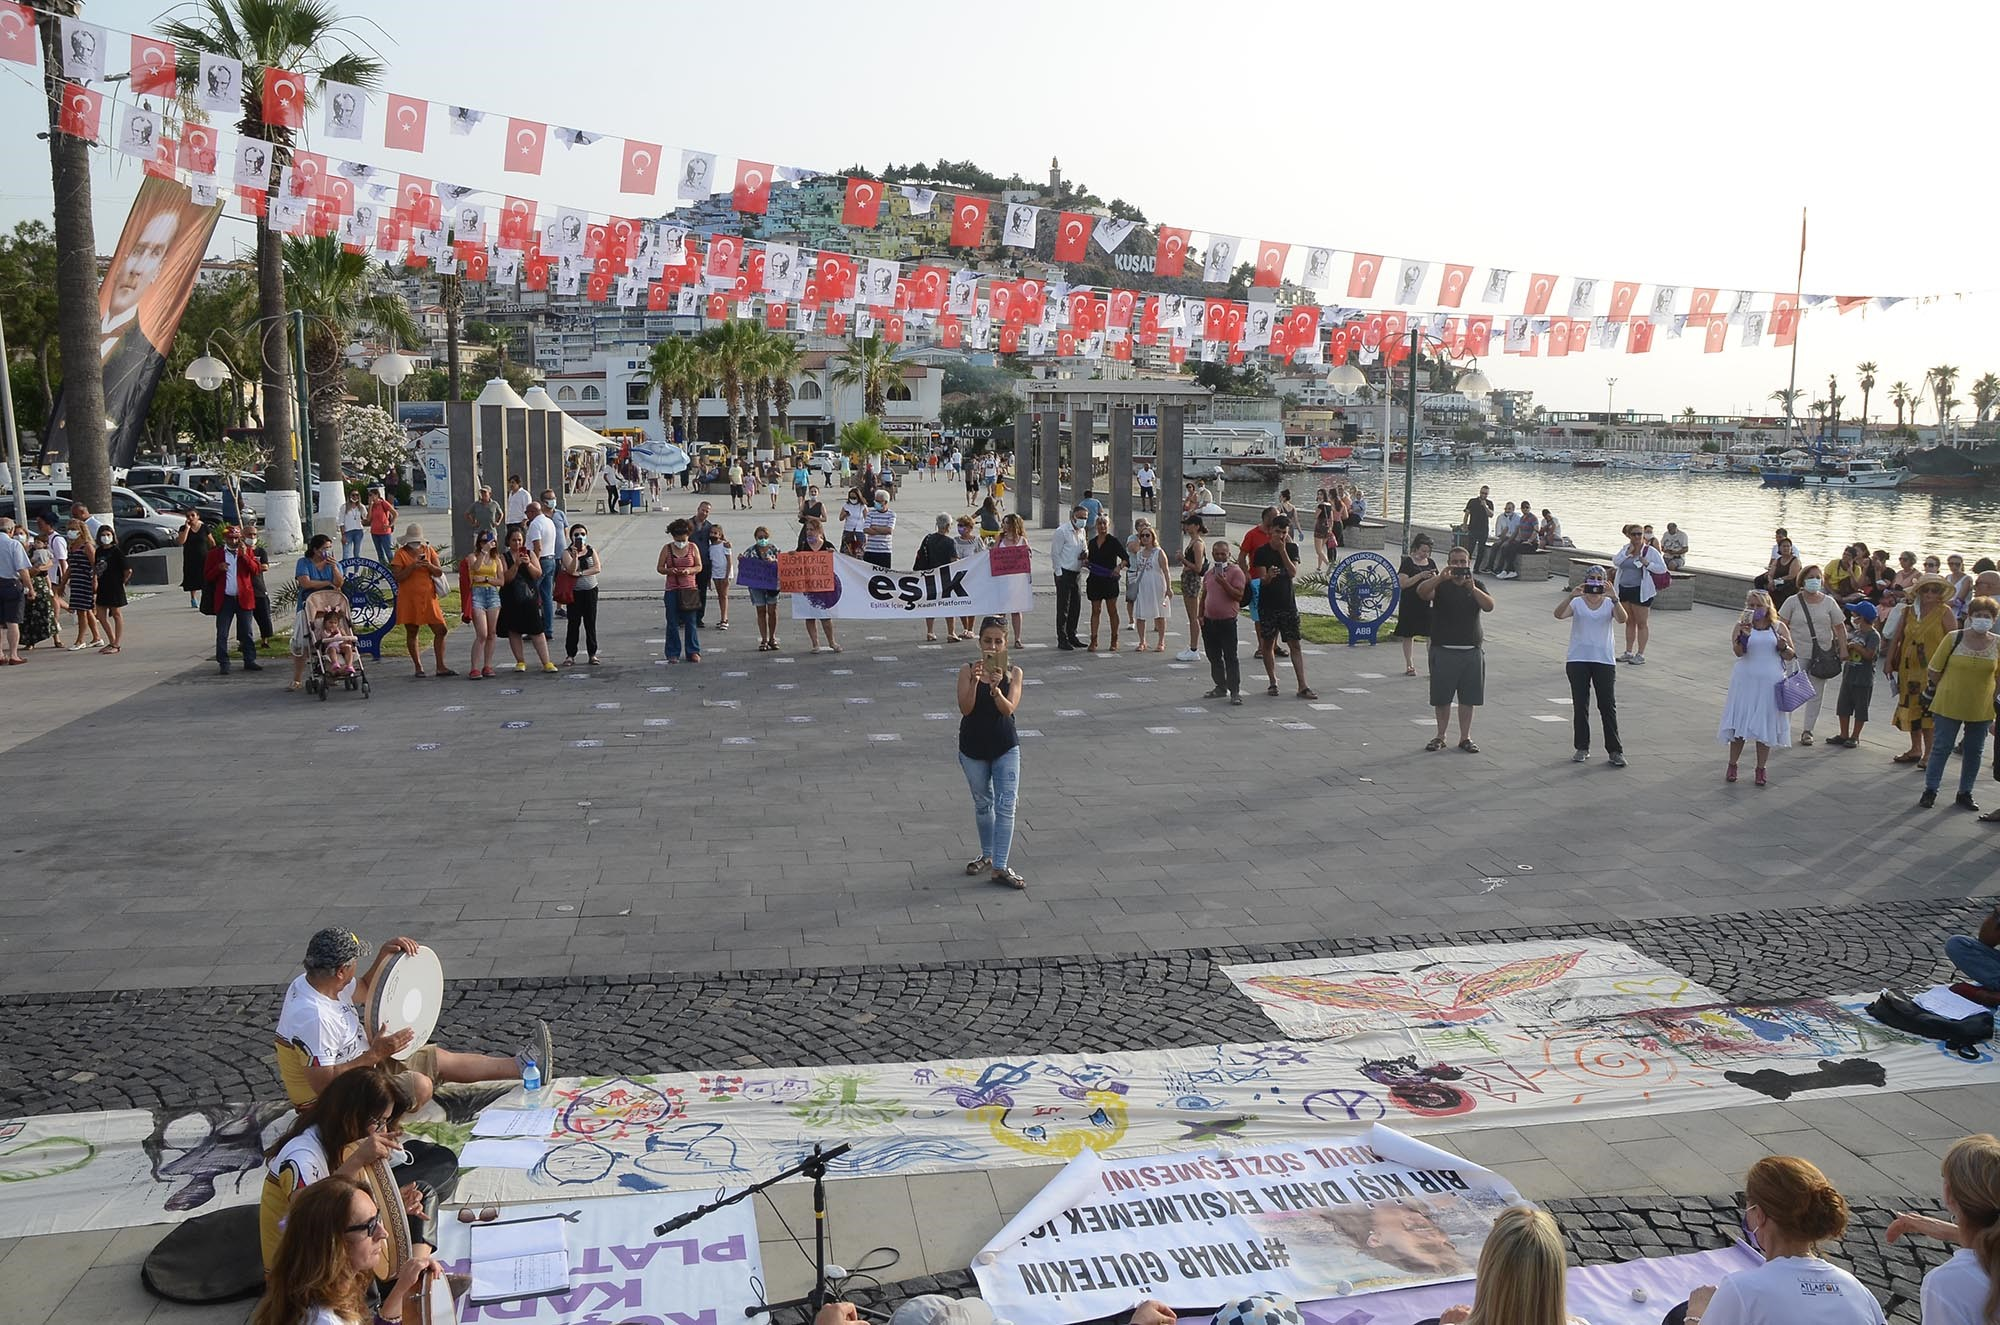 KUŞADASI'NDA İSTANBUL SÖZLEŞMESİ PROTESTOSU